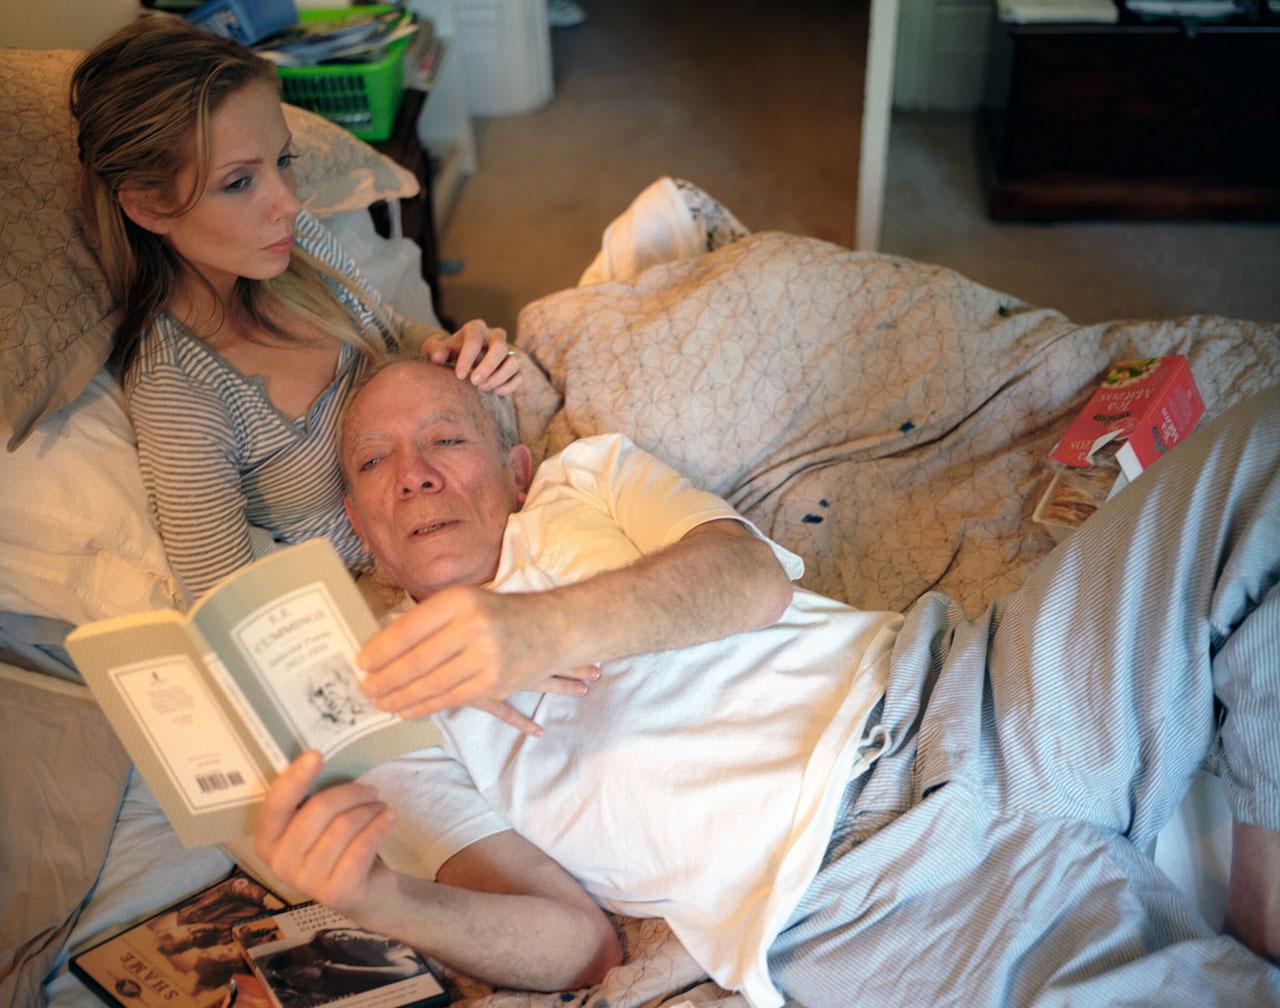 Szenen einer Beziehung: Das innige Verhältnis von Jessica und ihrem 30 Jahre älteren Freund Stan ist das Thema des Buches.